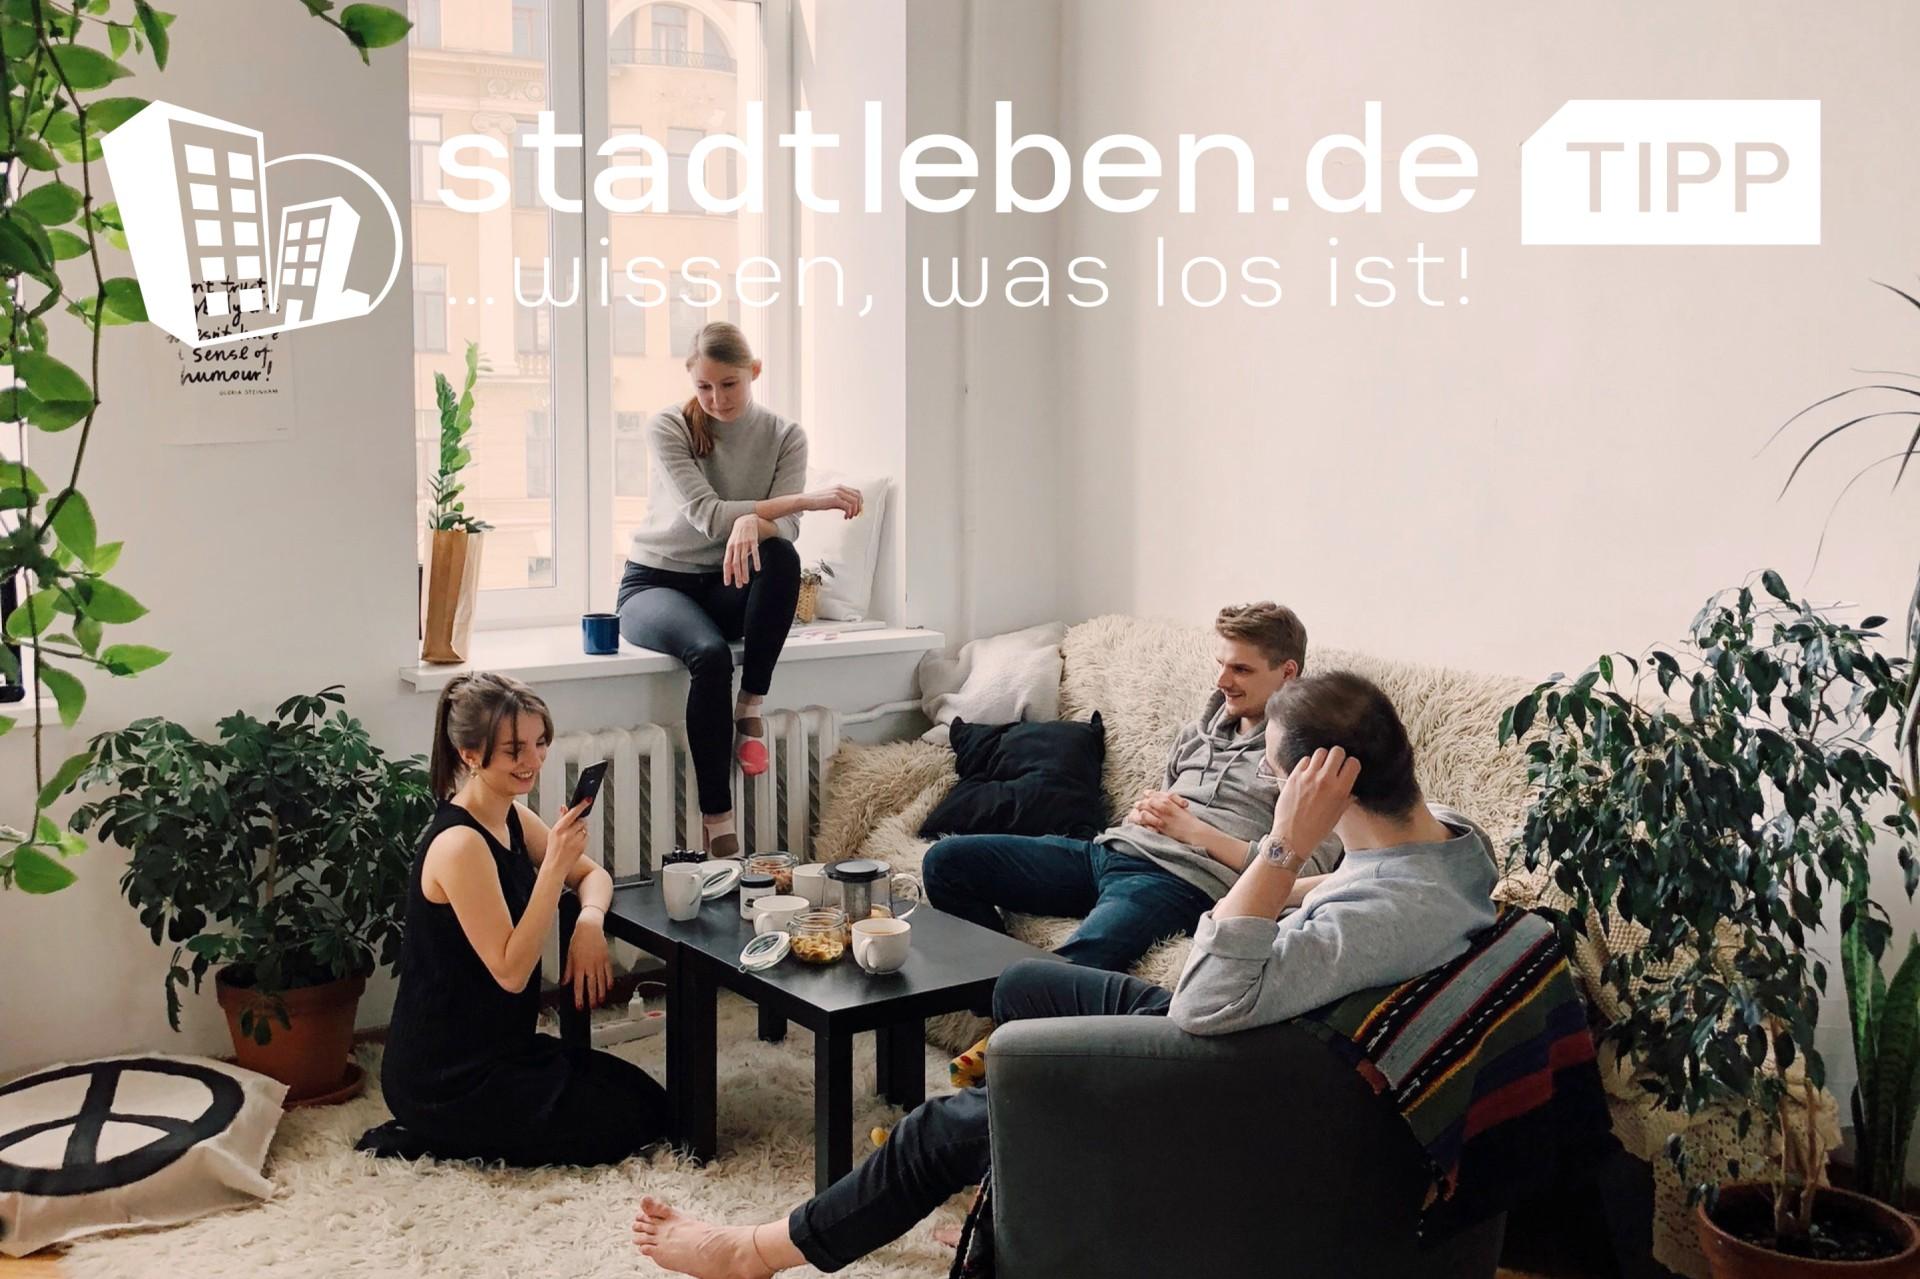 https://images.stadtleben.de/news/2020/03/13/68941.jpg